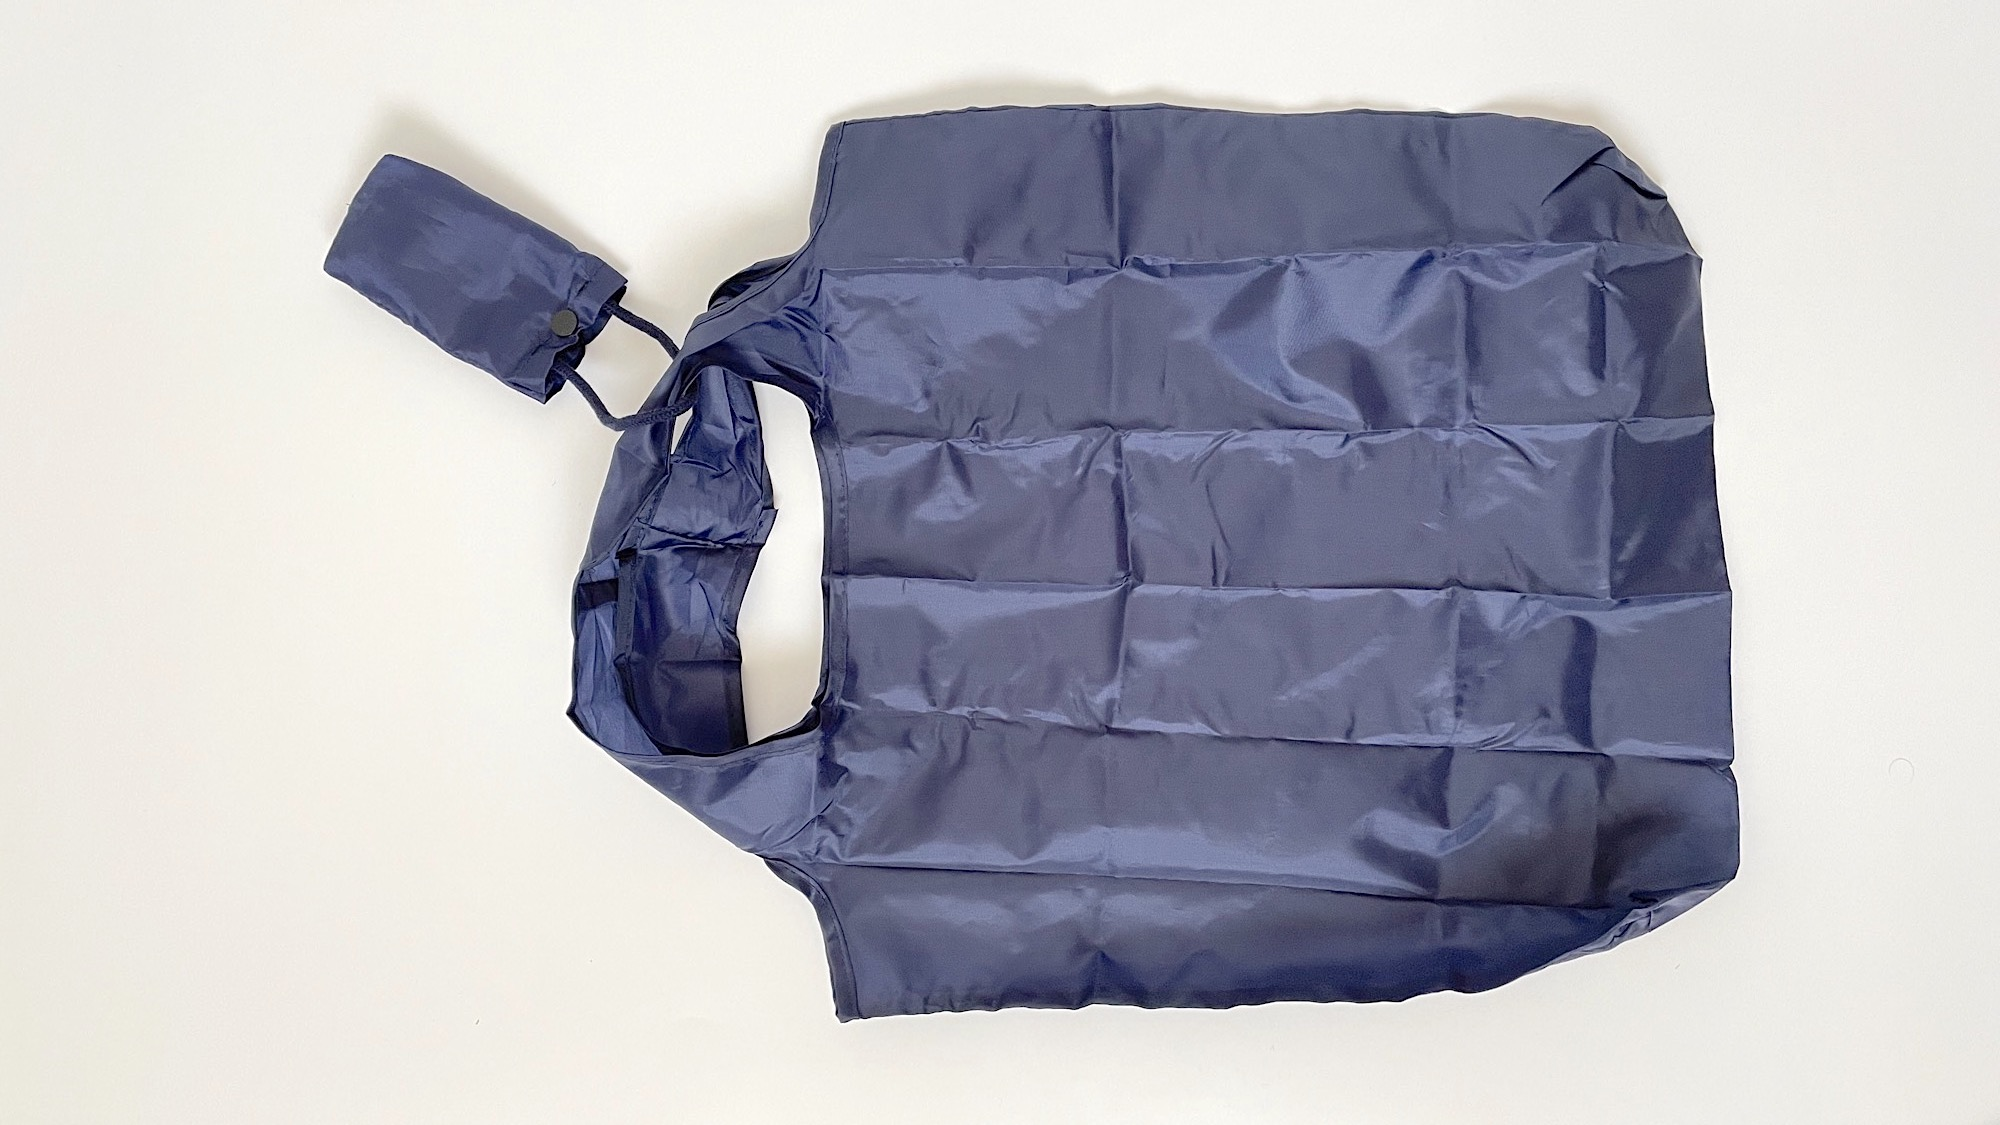 エコバッグの持ち手に袋を縫いつけたーエコバッグをたためない!イライラを解消するアレンジ方法